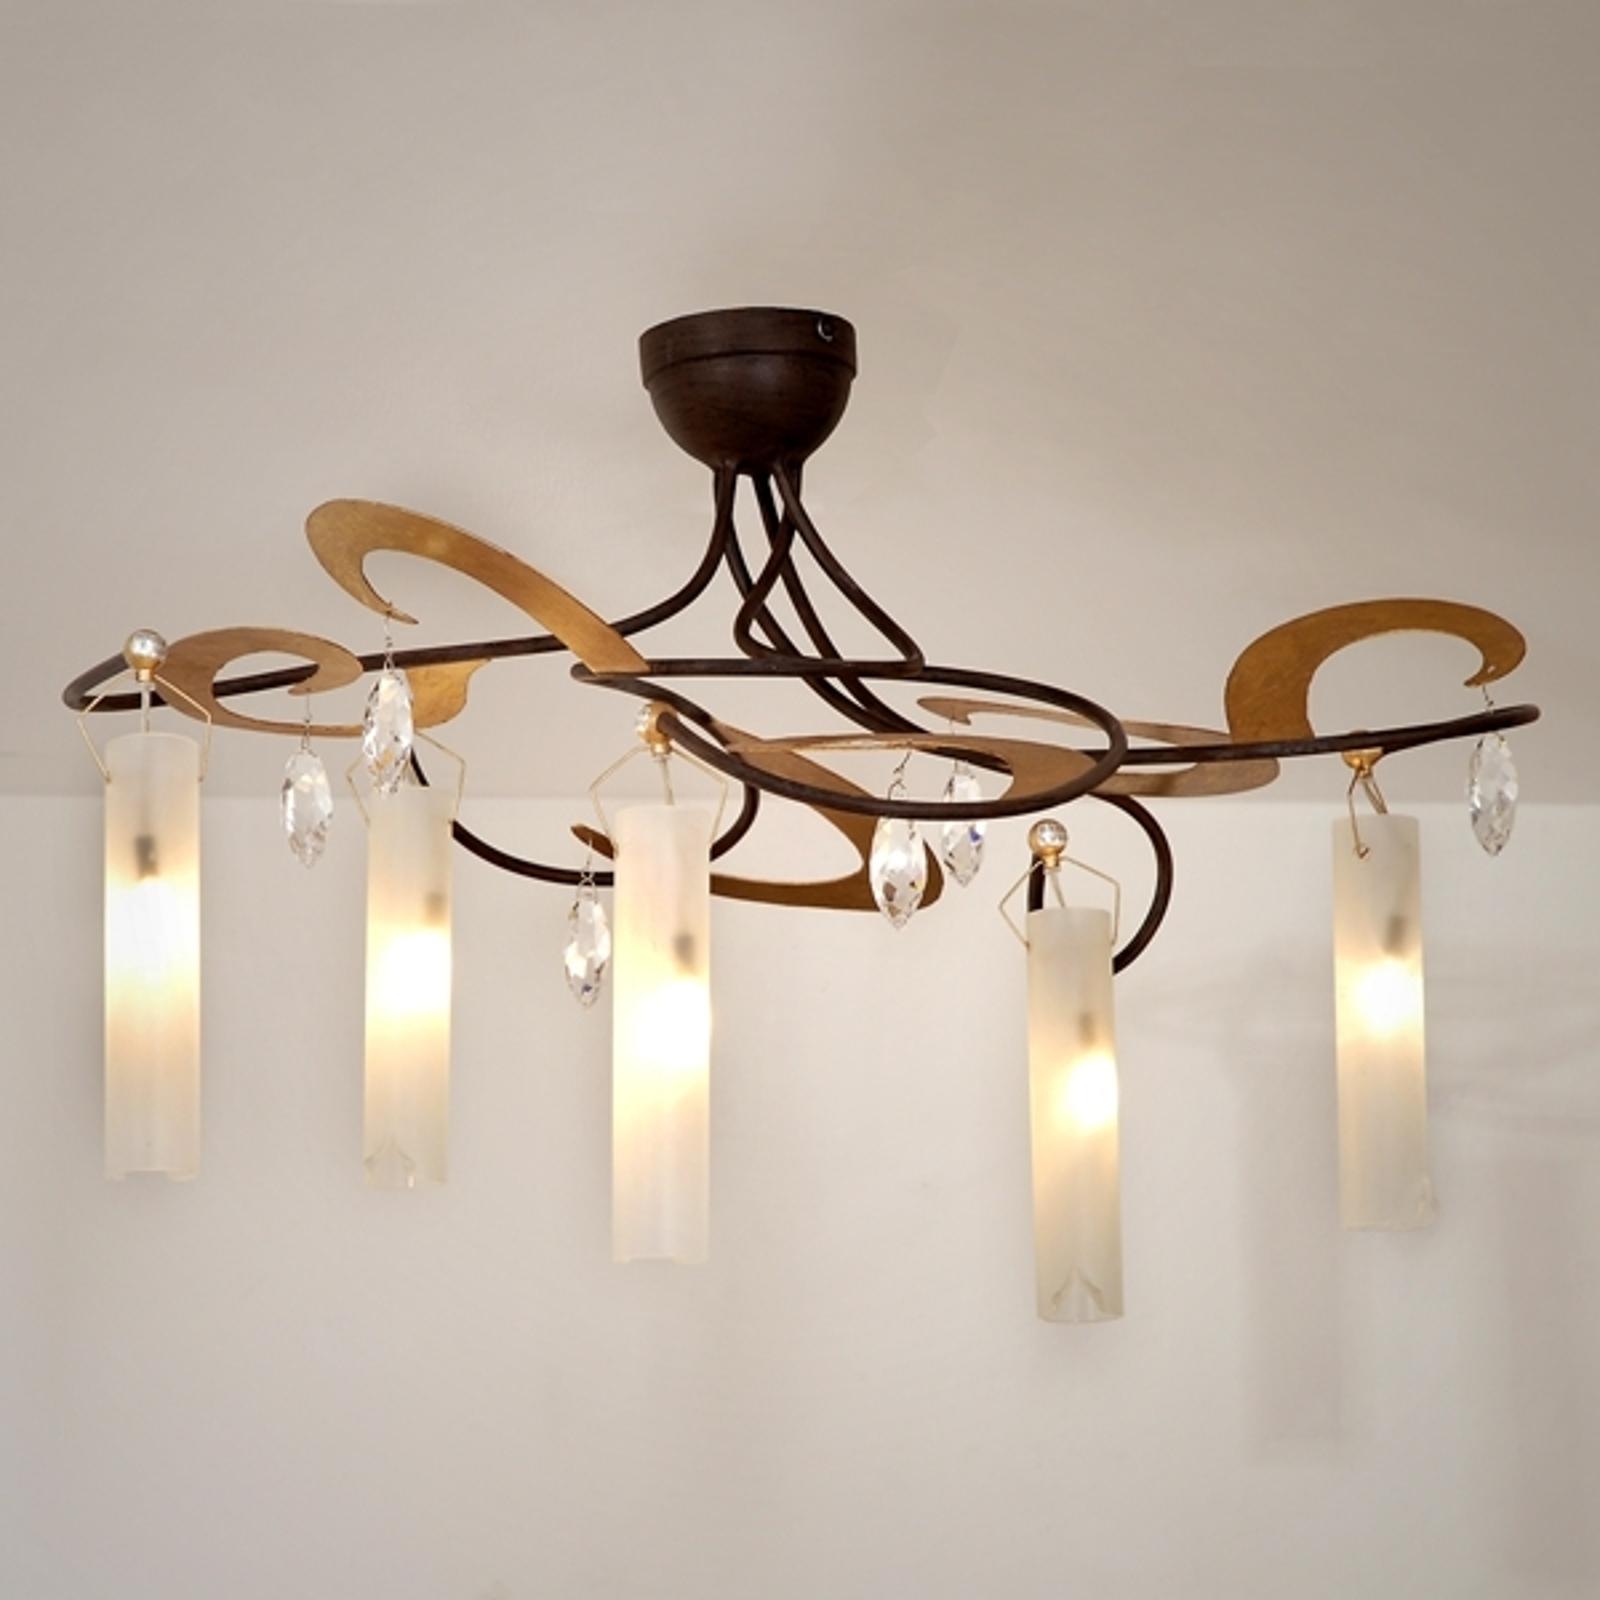 Lampa sufitowa CASINO 5-punktowa - kryształy